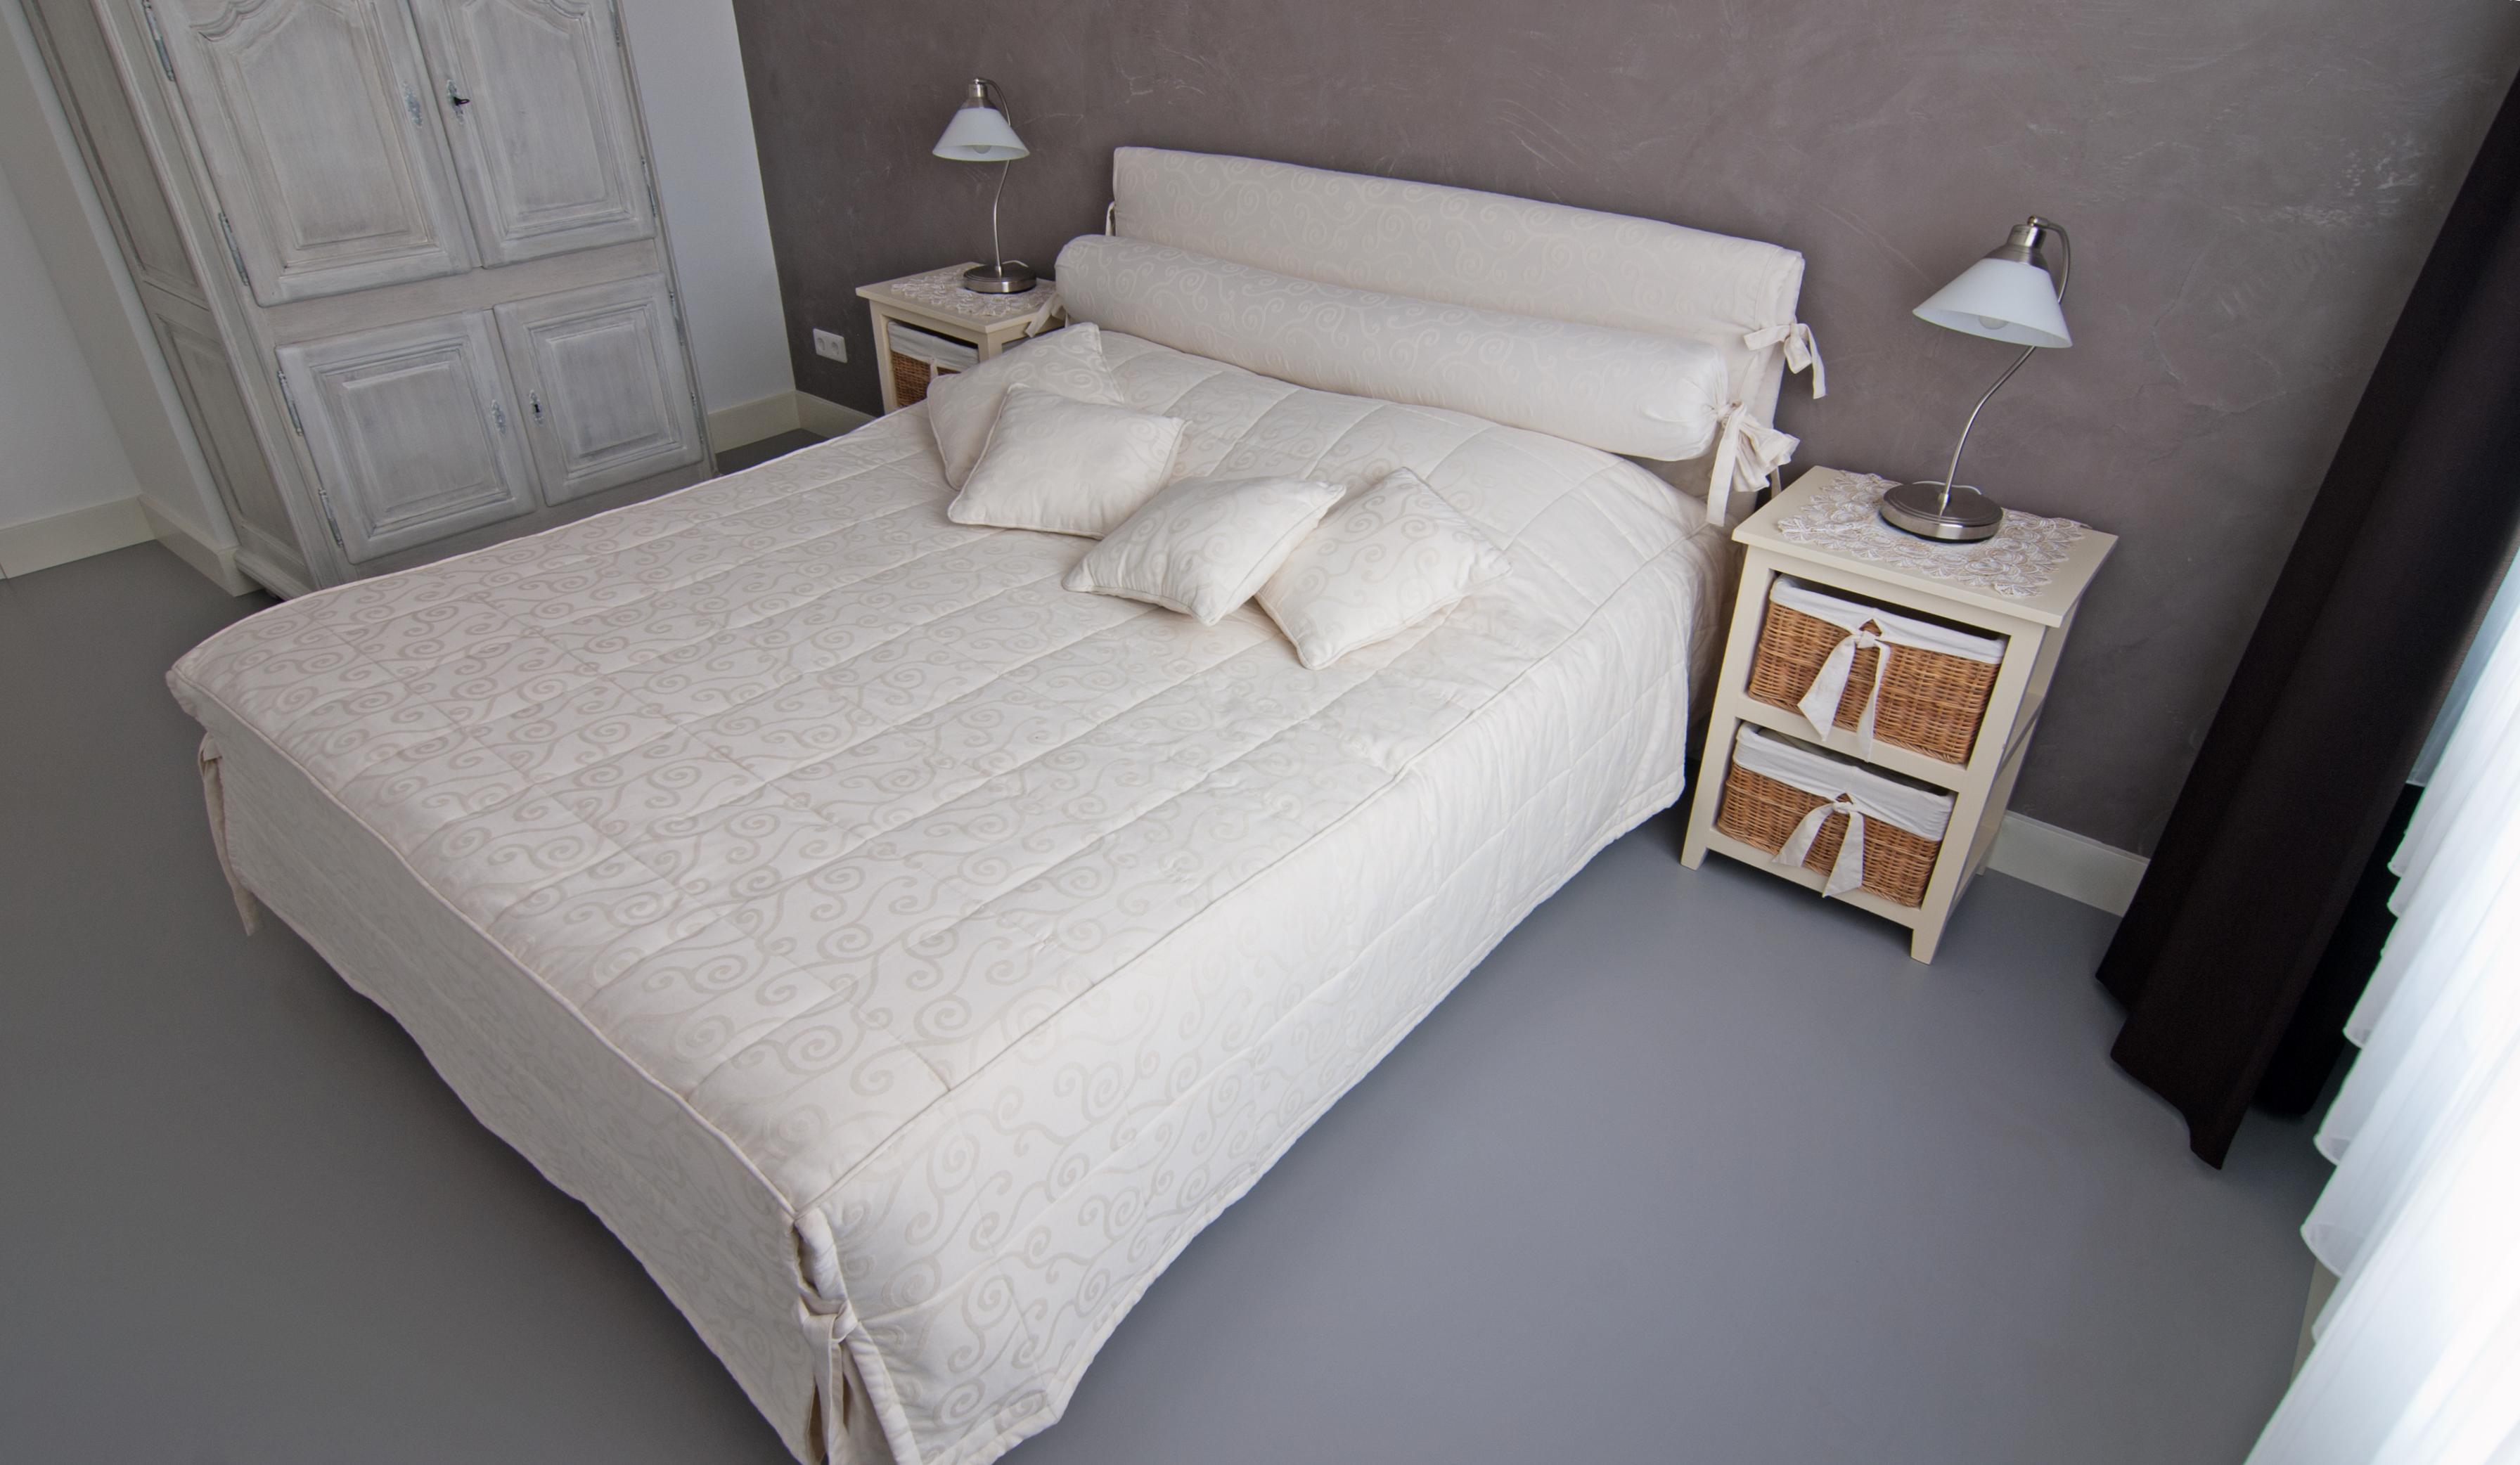 Fußboden Für Schlafzimmer ~ Schlafzimmer wand und fussboden cemcolori